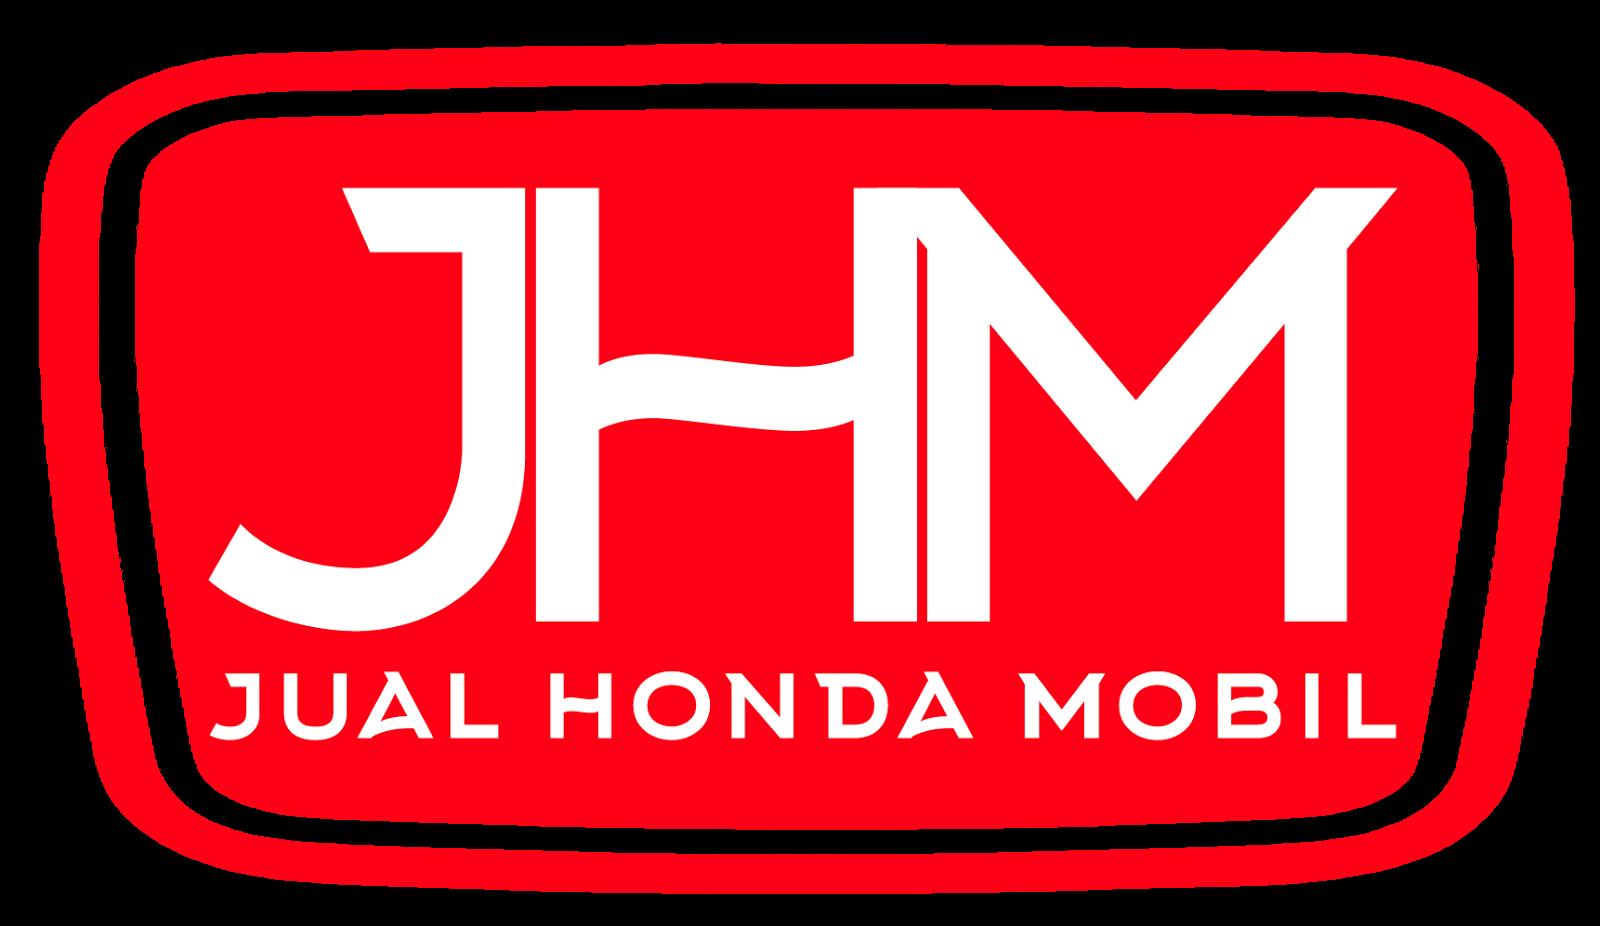 Jual Honda Mobil